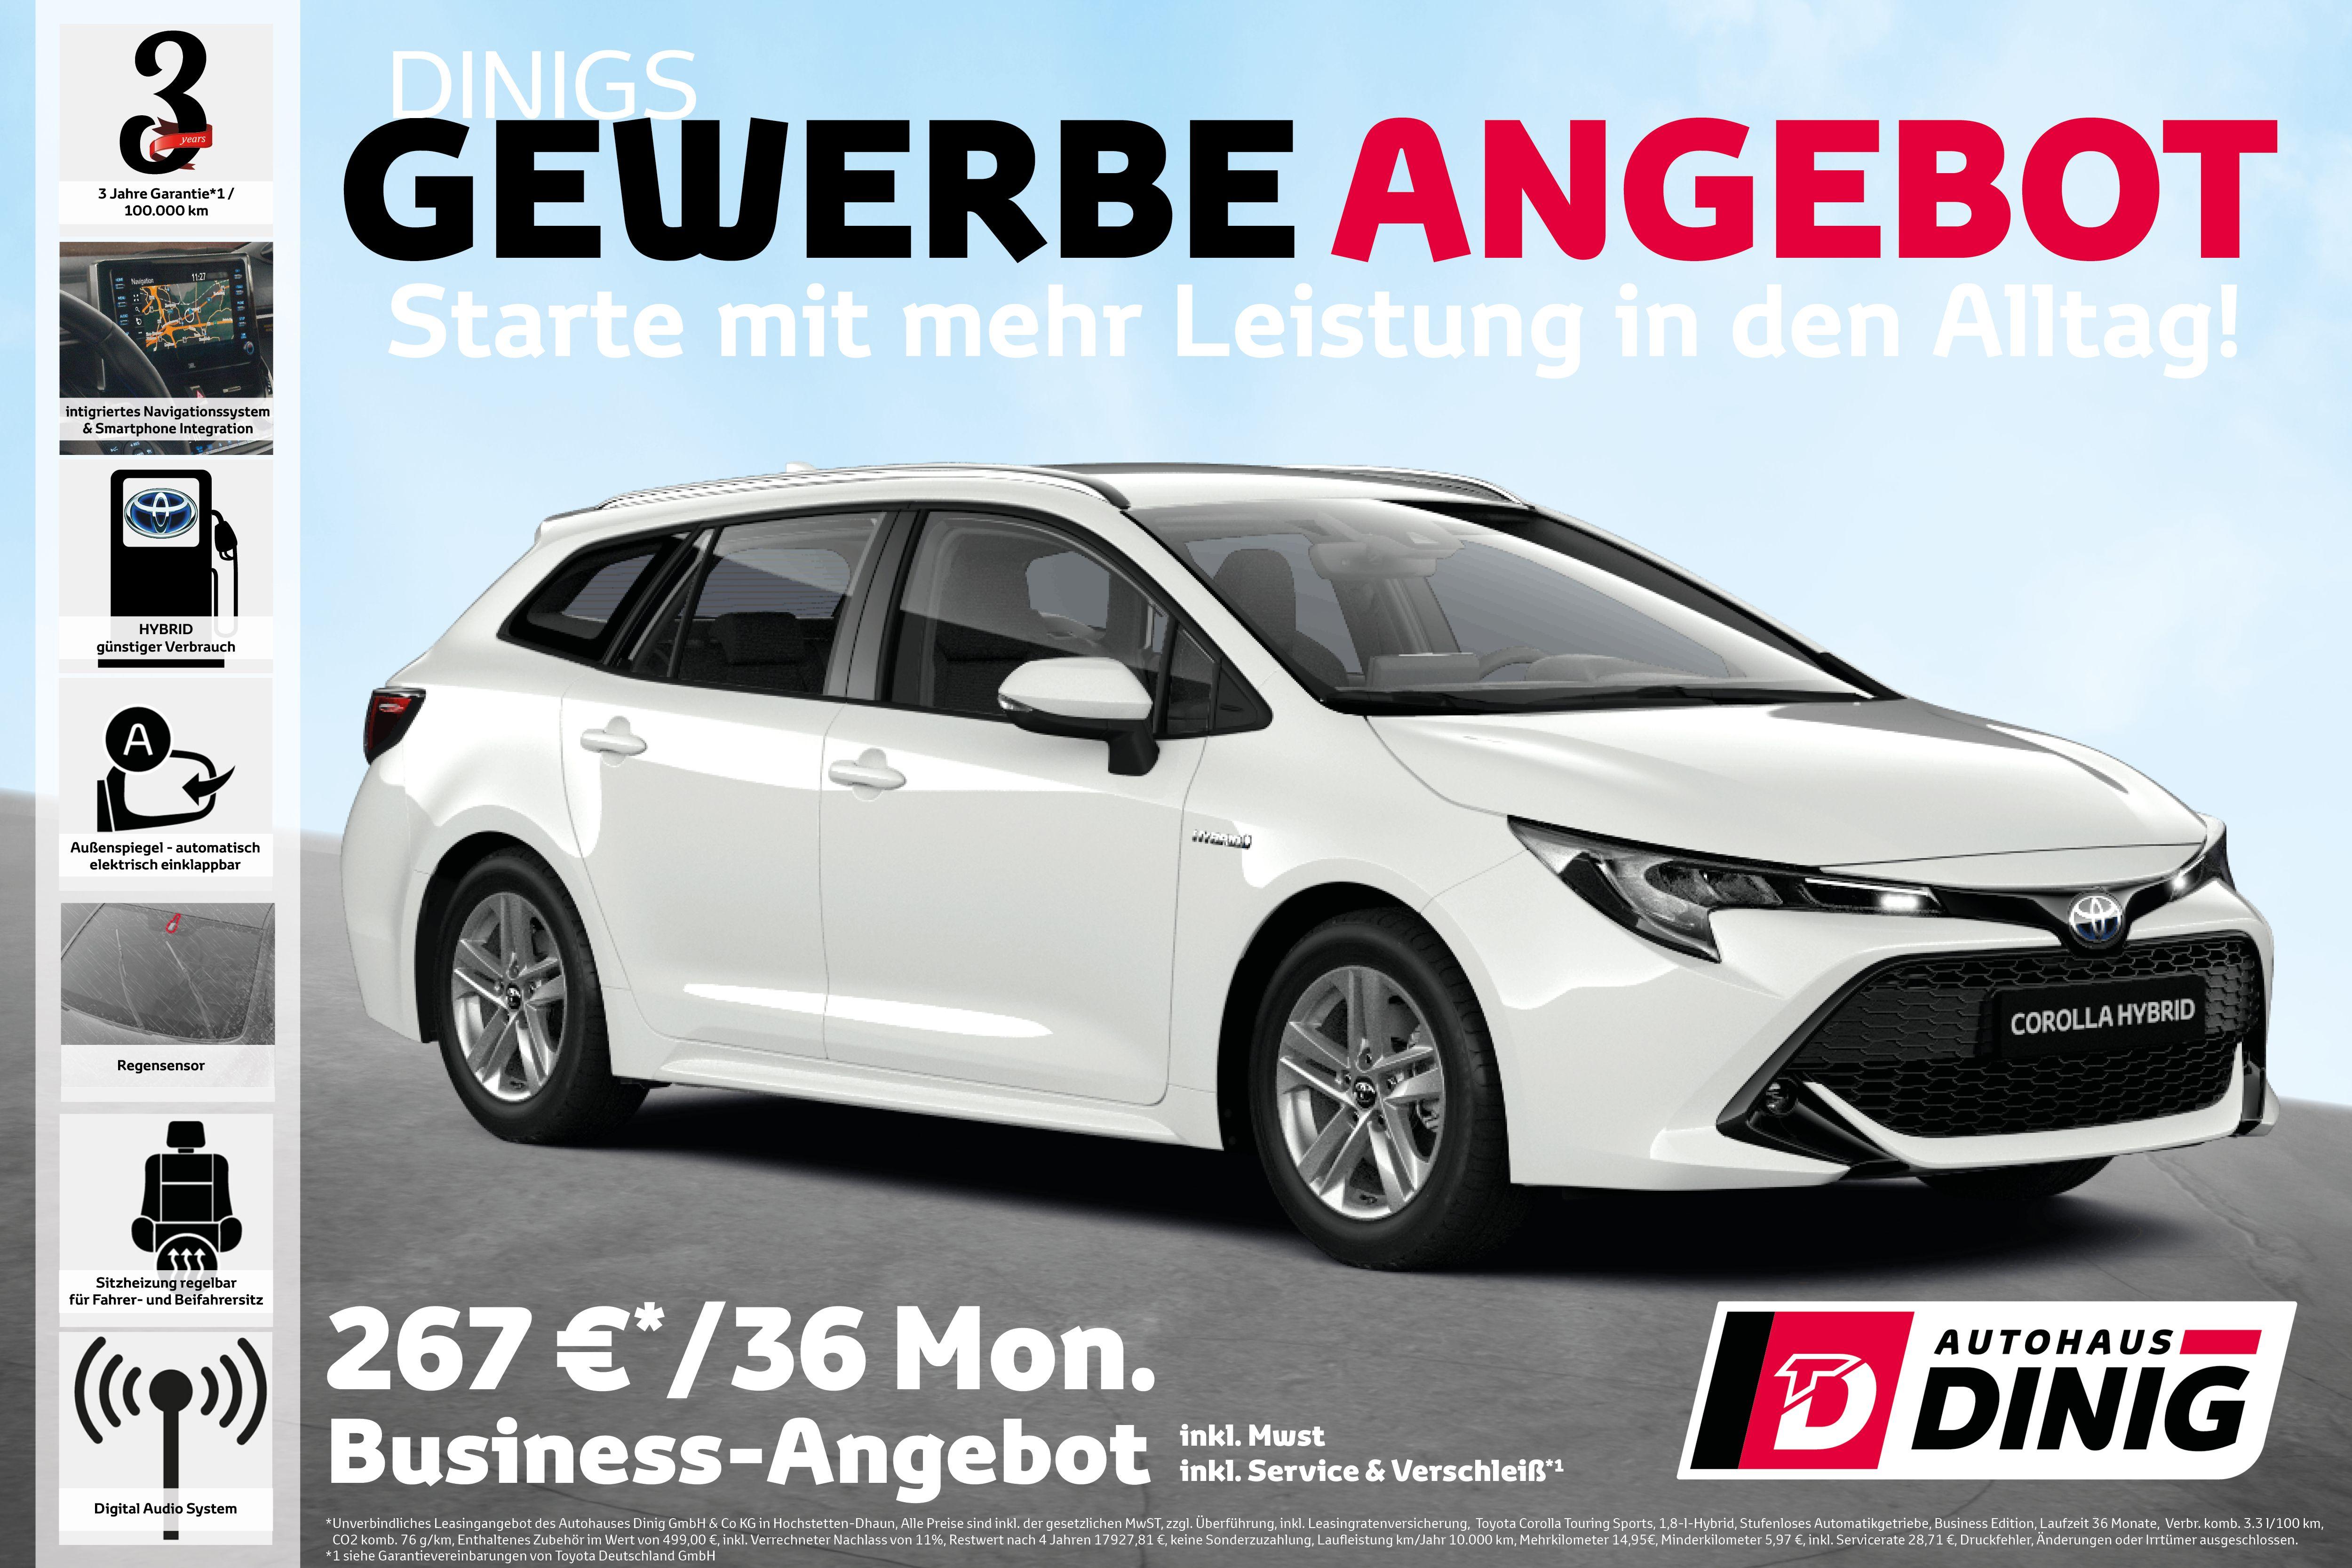 Gewerbe Angebot Toyota Corolla Business Hochstettendhaun Hunsruck In 2020 Autohaus Autos Gebrauchtwagen